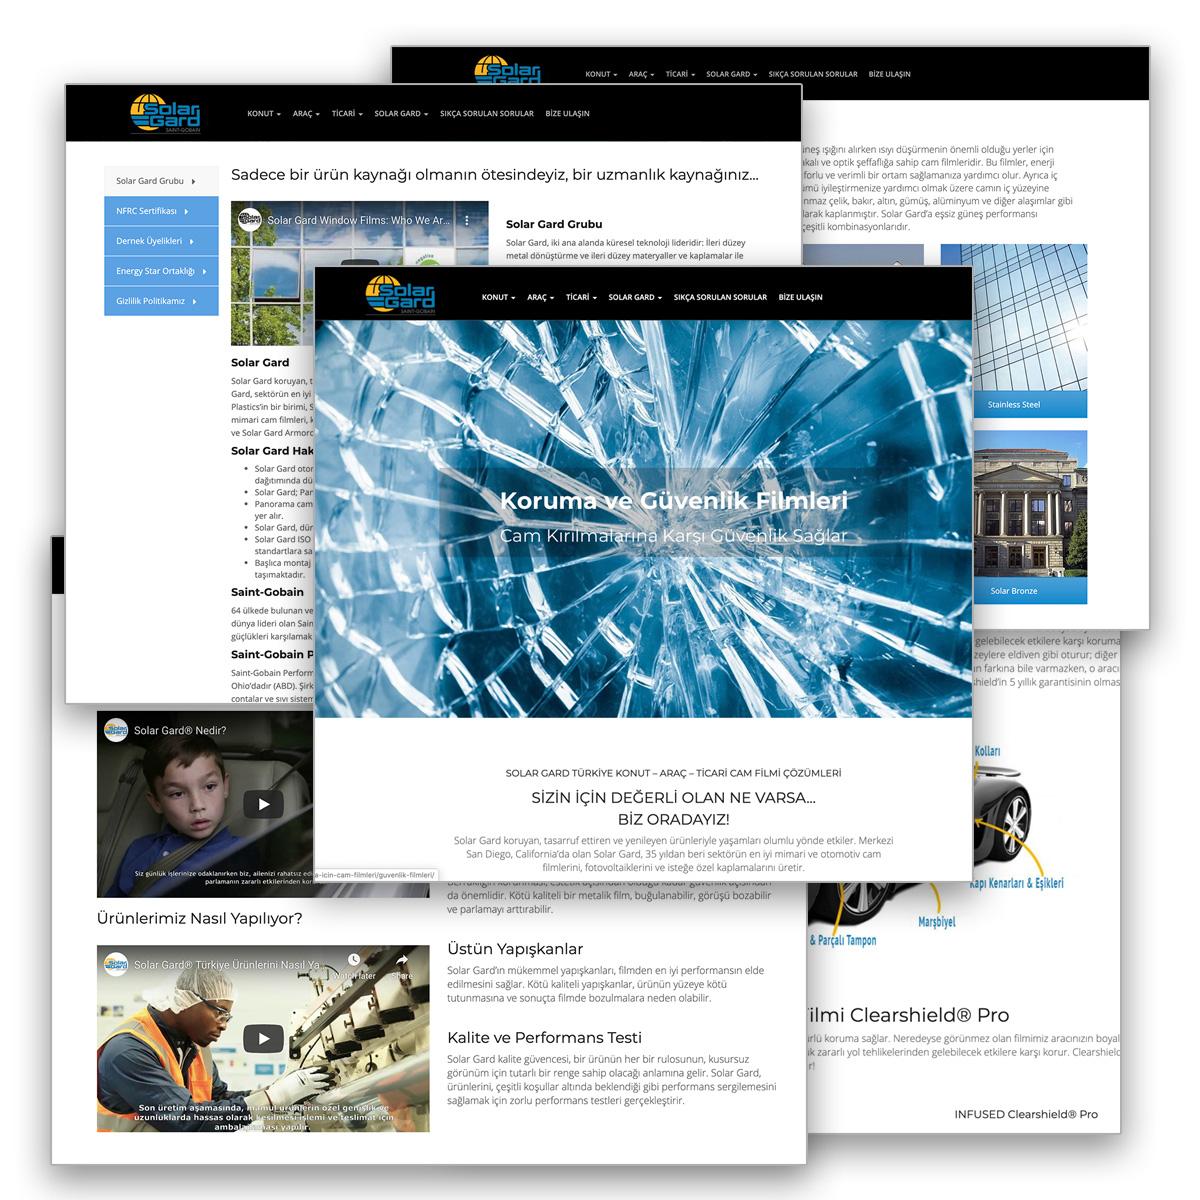 solargard website s